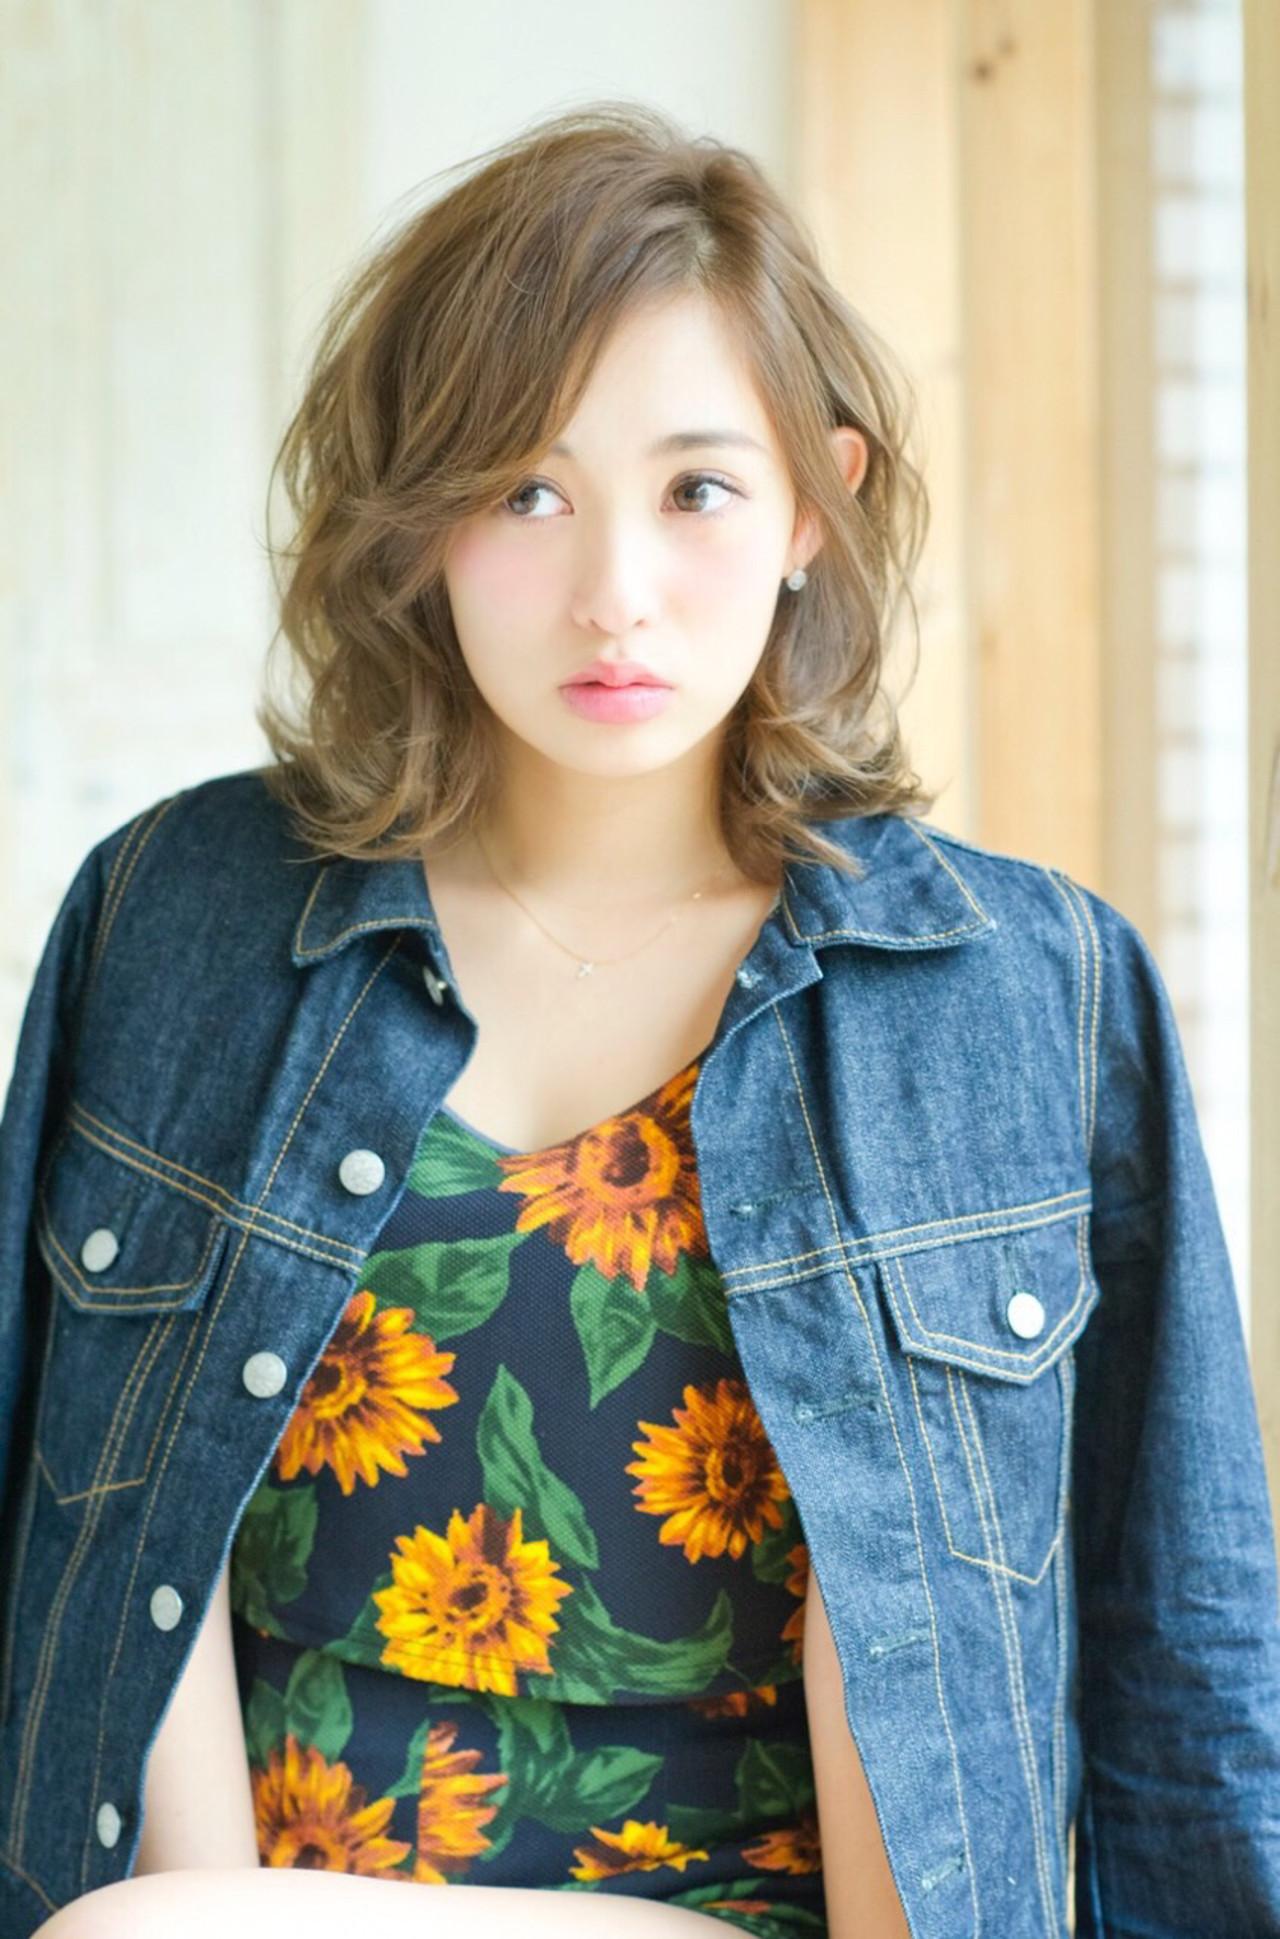 女子のモテる髪型はずばりミディアムレイヤー♡人気のヒケツに迫ります! 佐藤 詩穂 / Lond